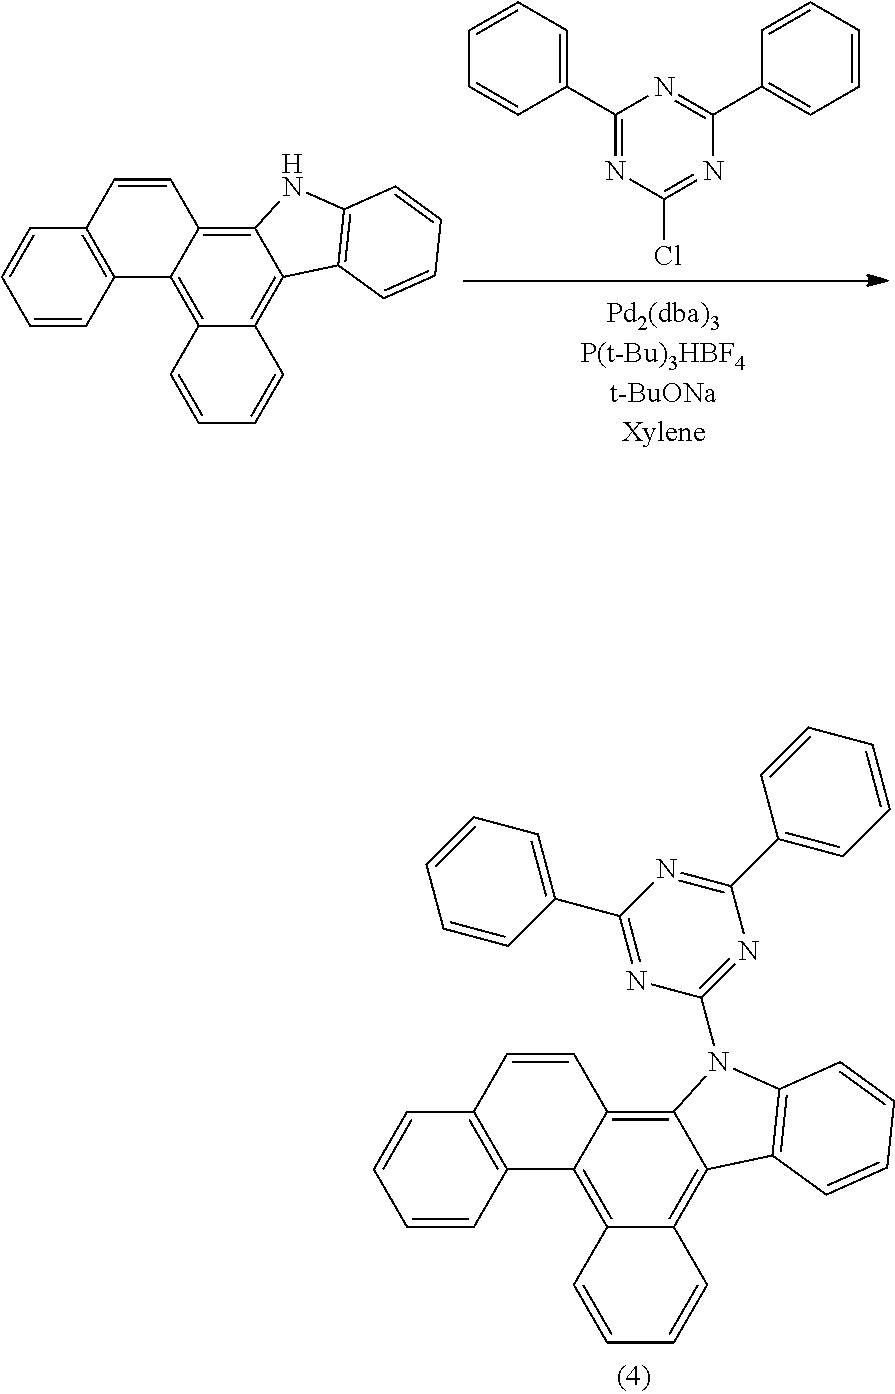 Figure US09837615-20171205-C00142